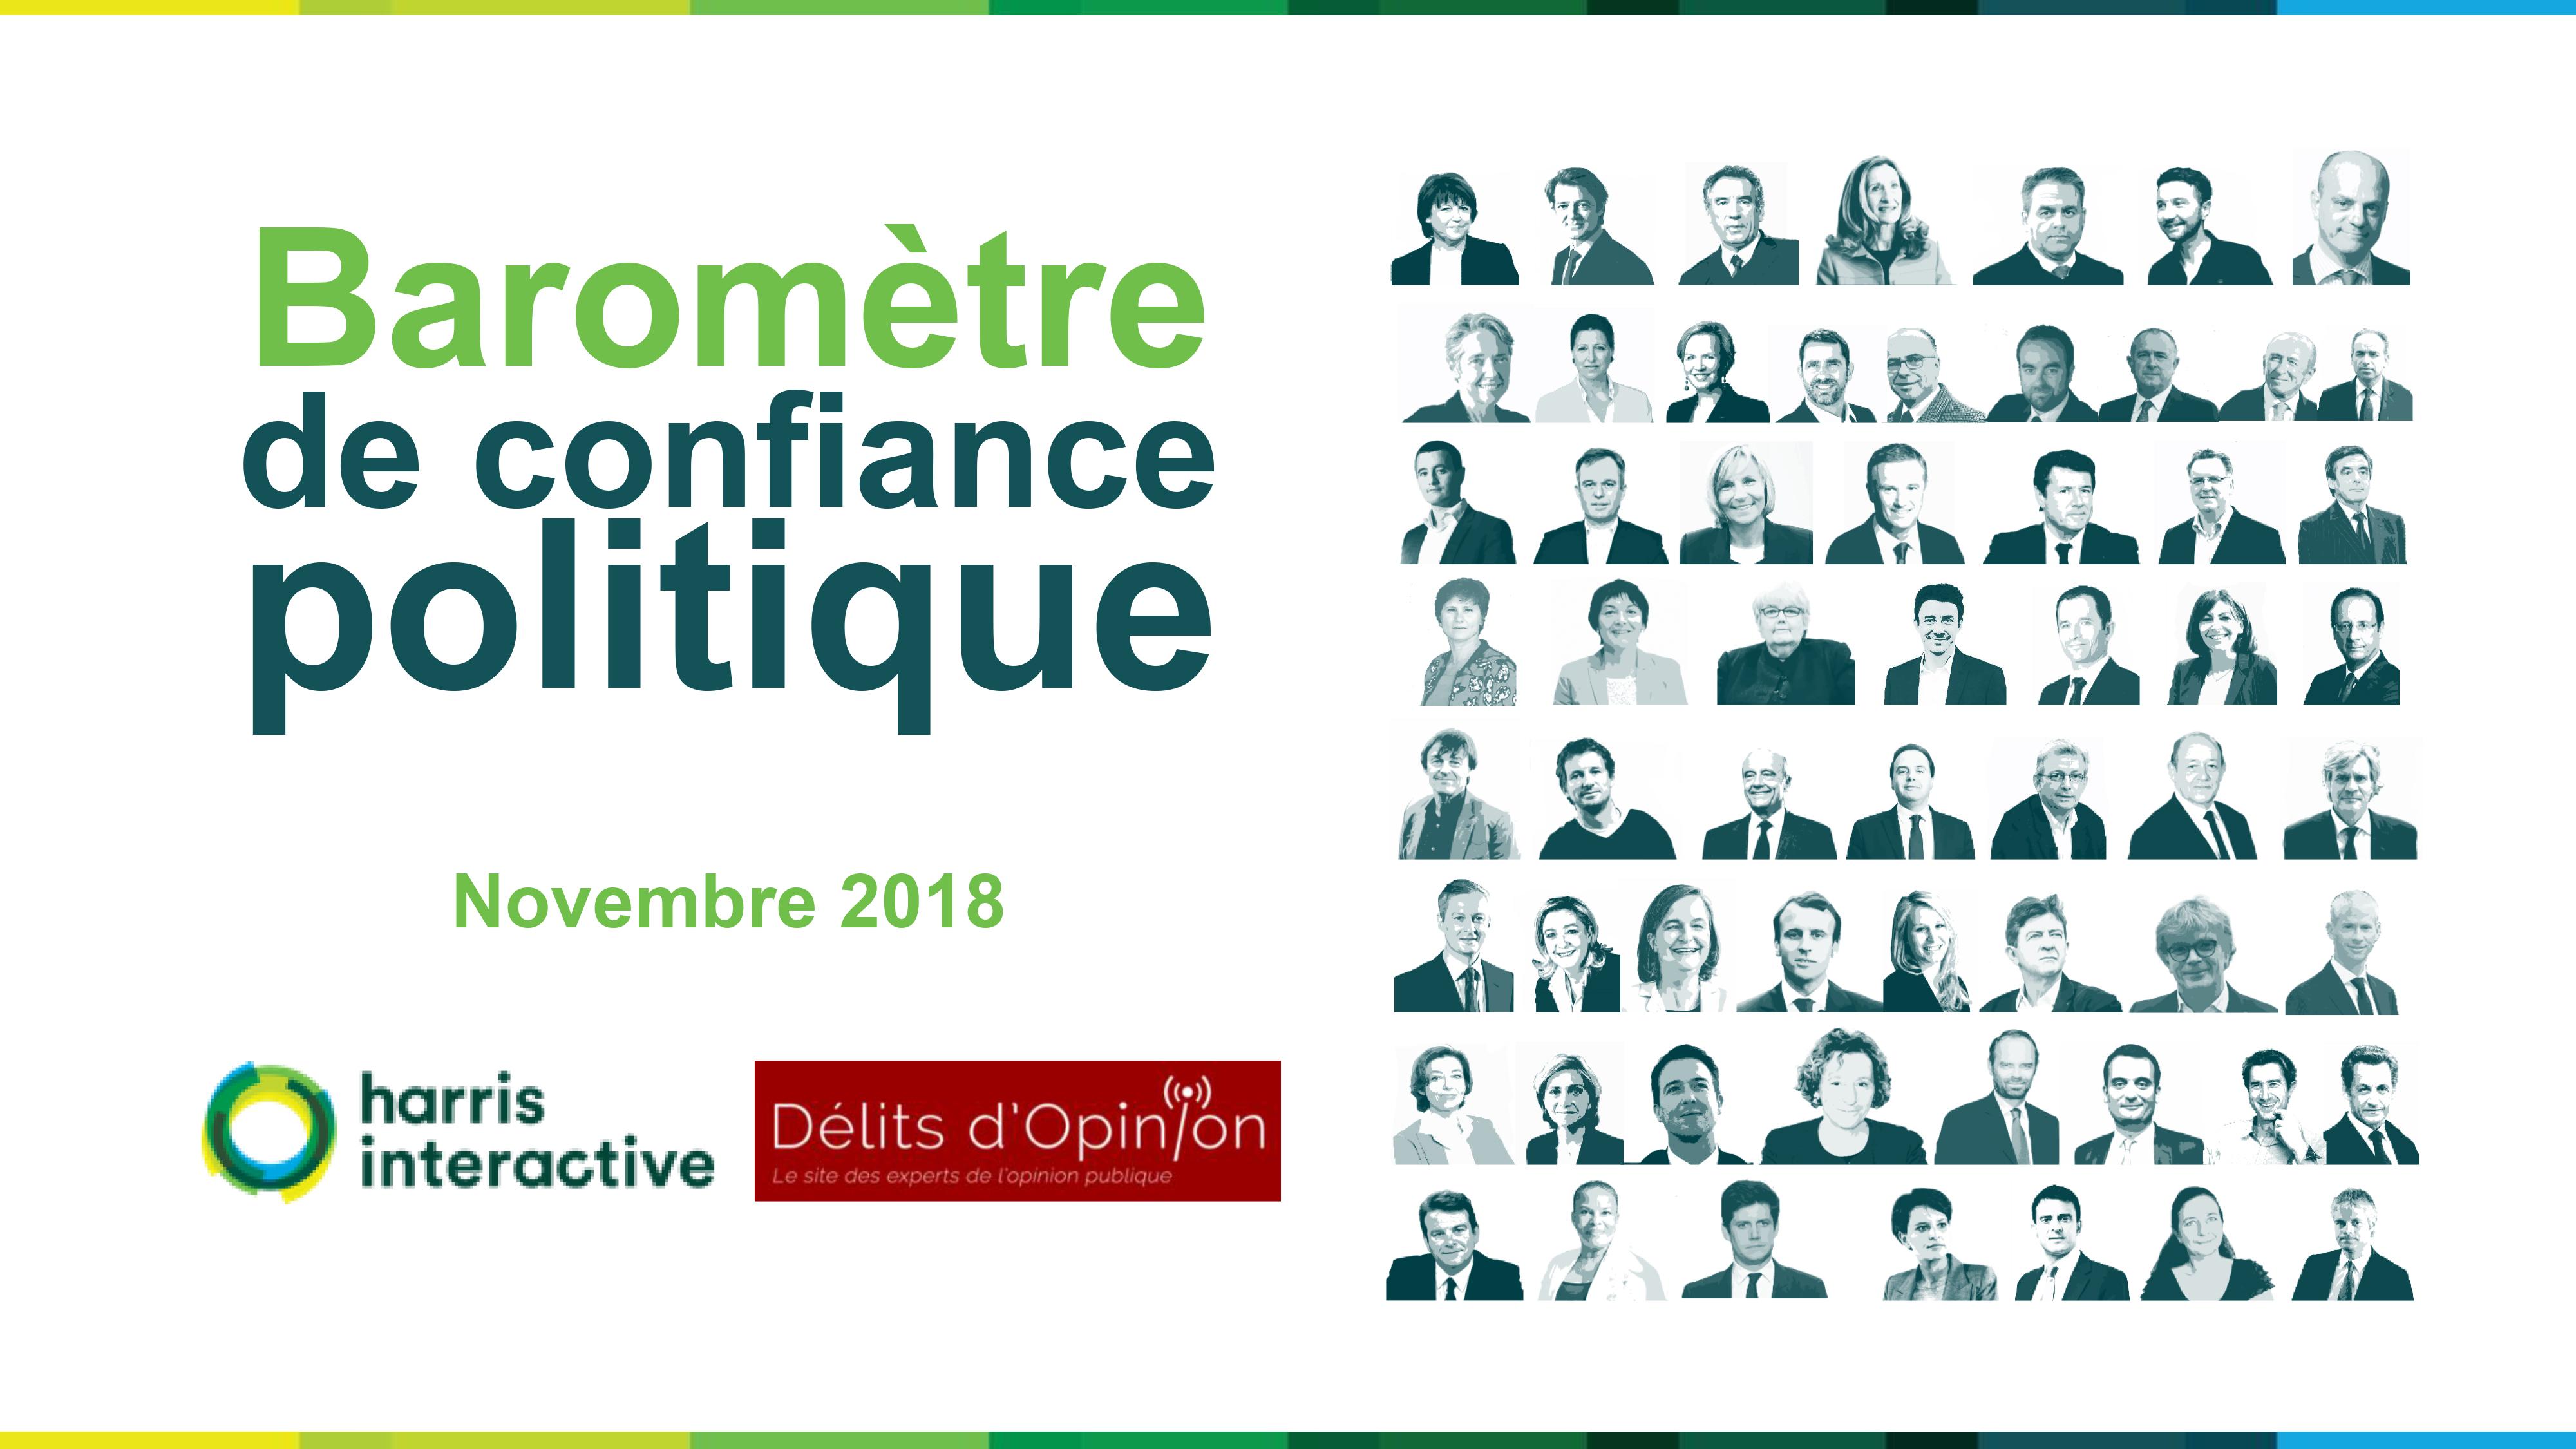 Baromètre de confiance politique – Novembre 2018 image